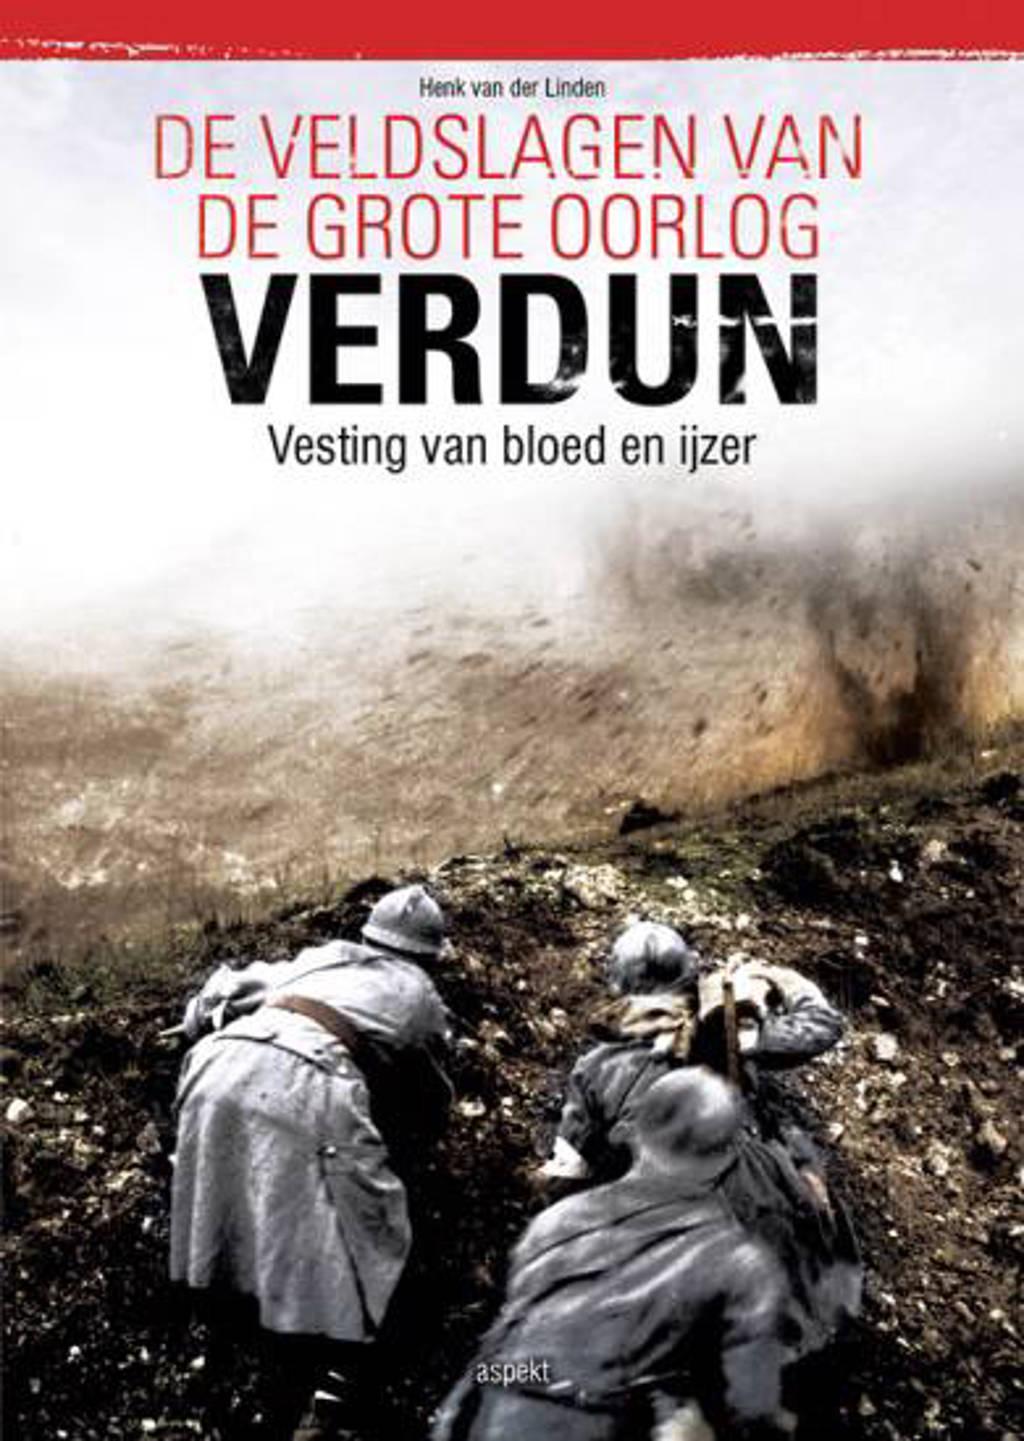 Veldslagen van de grote oorlog - Verdun (DVD)